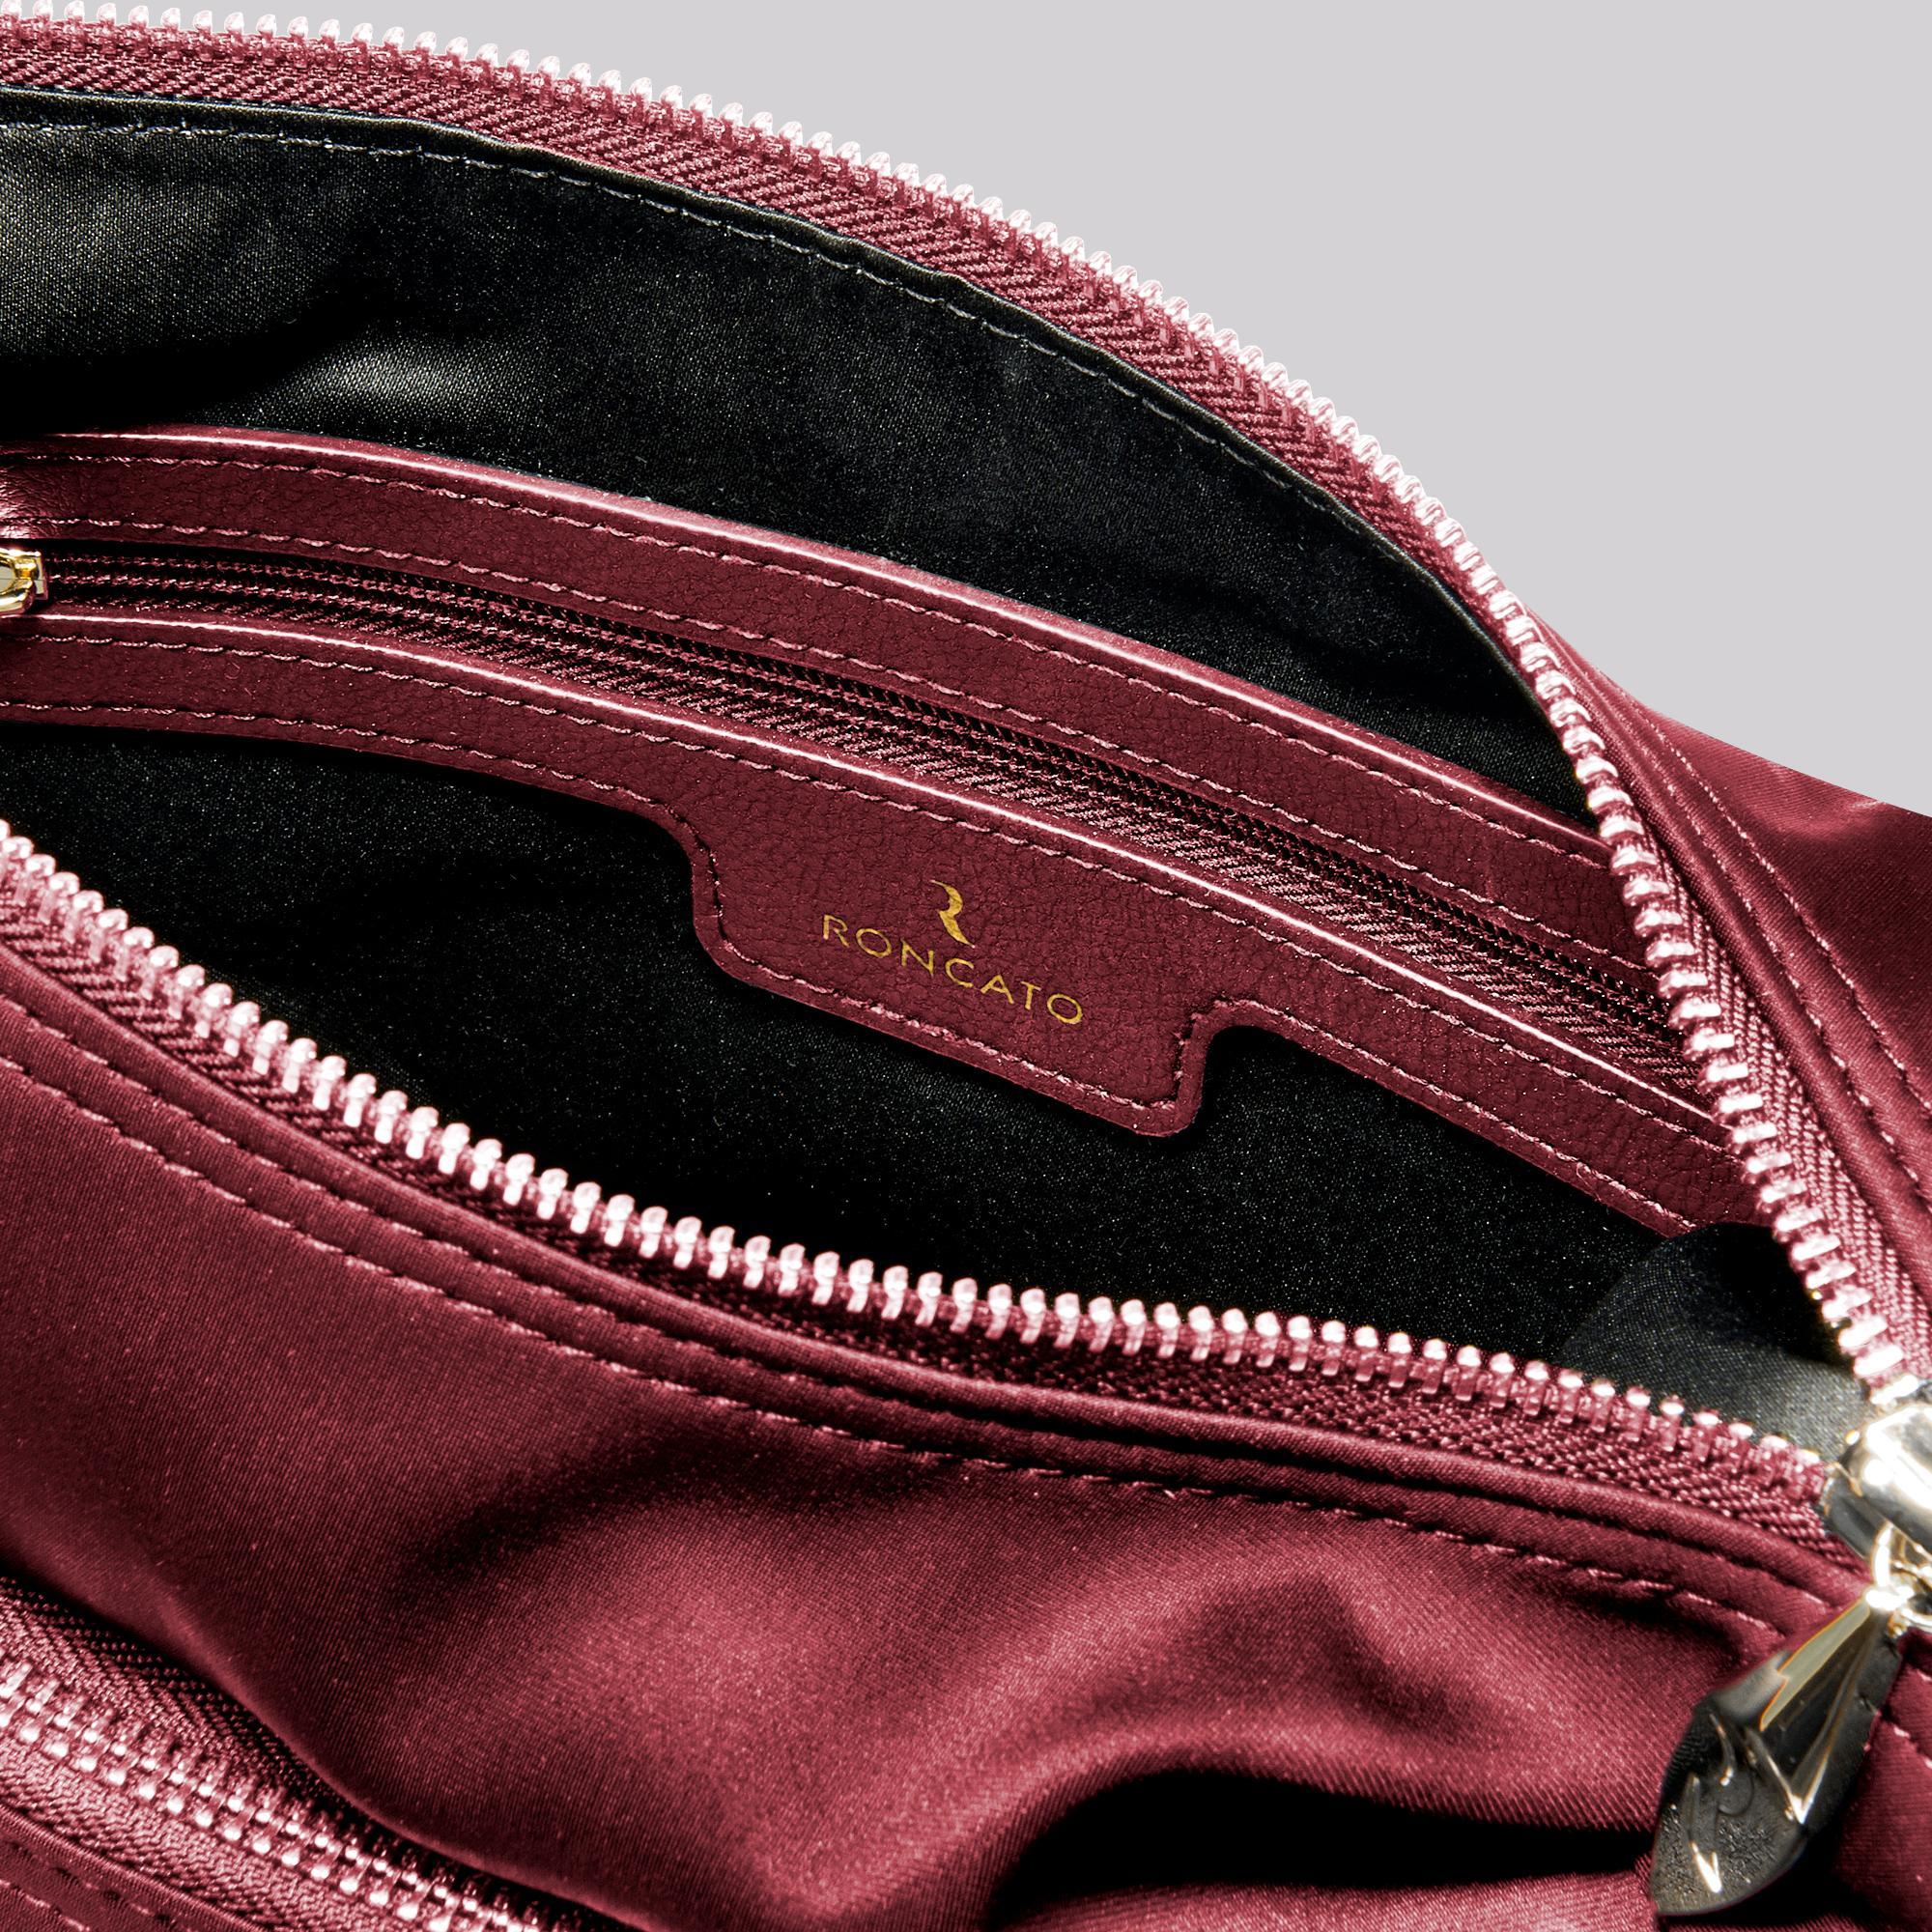 Borsa A Spalla  BORDEAUX Her Bag